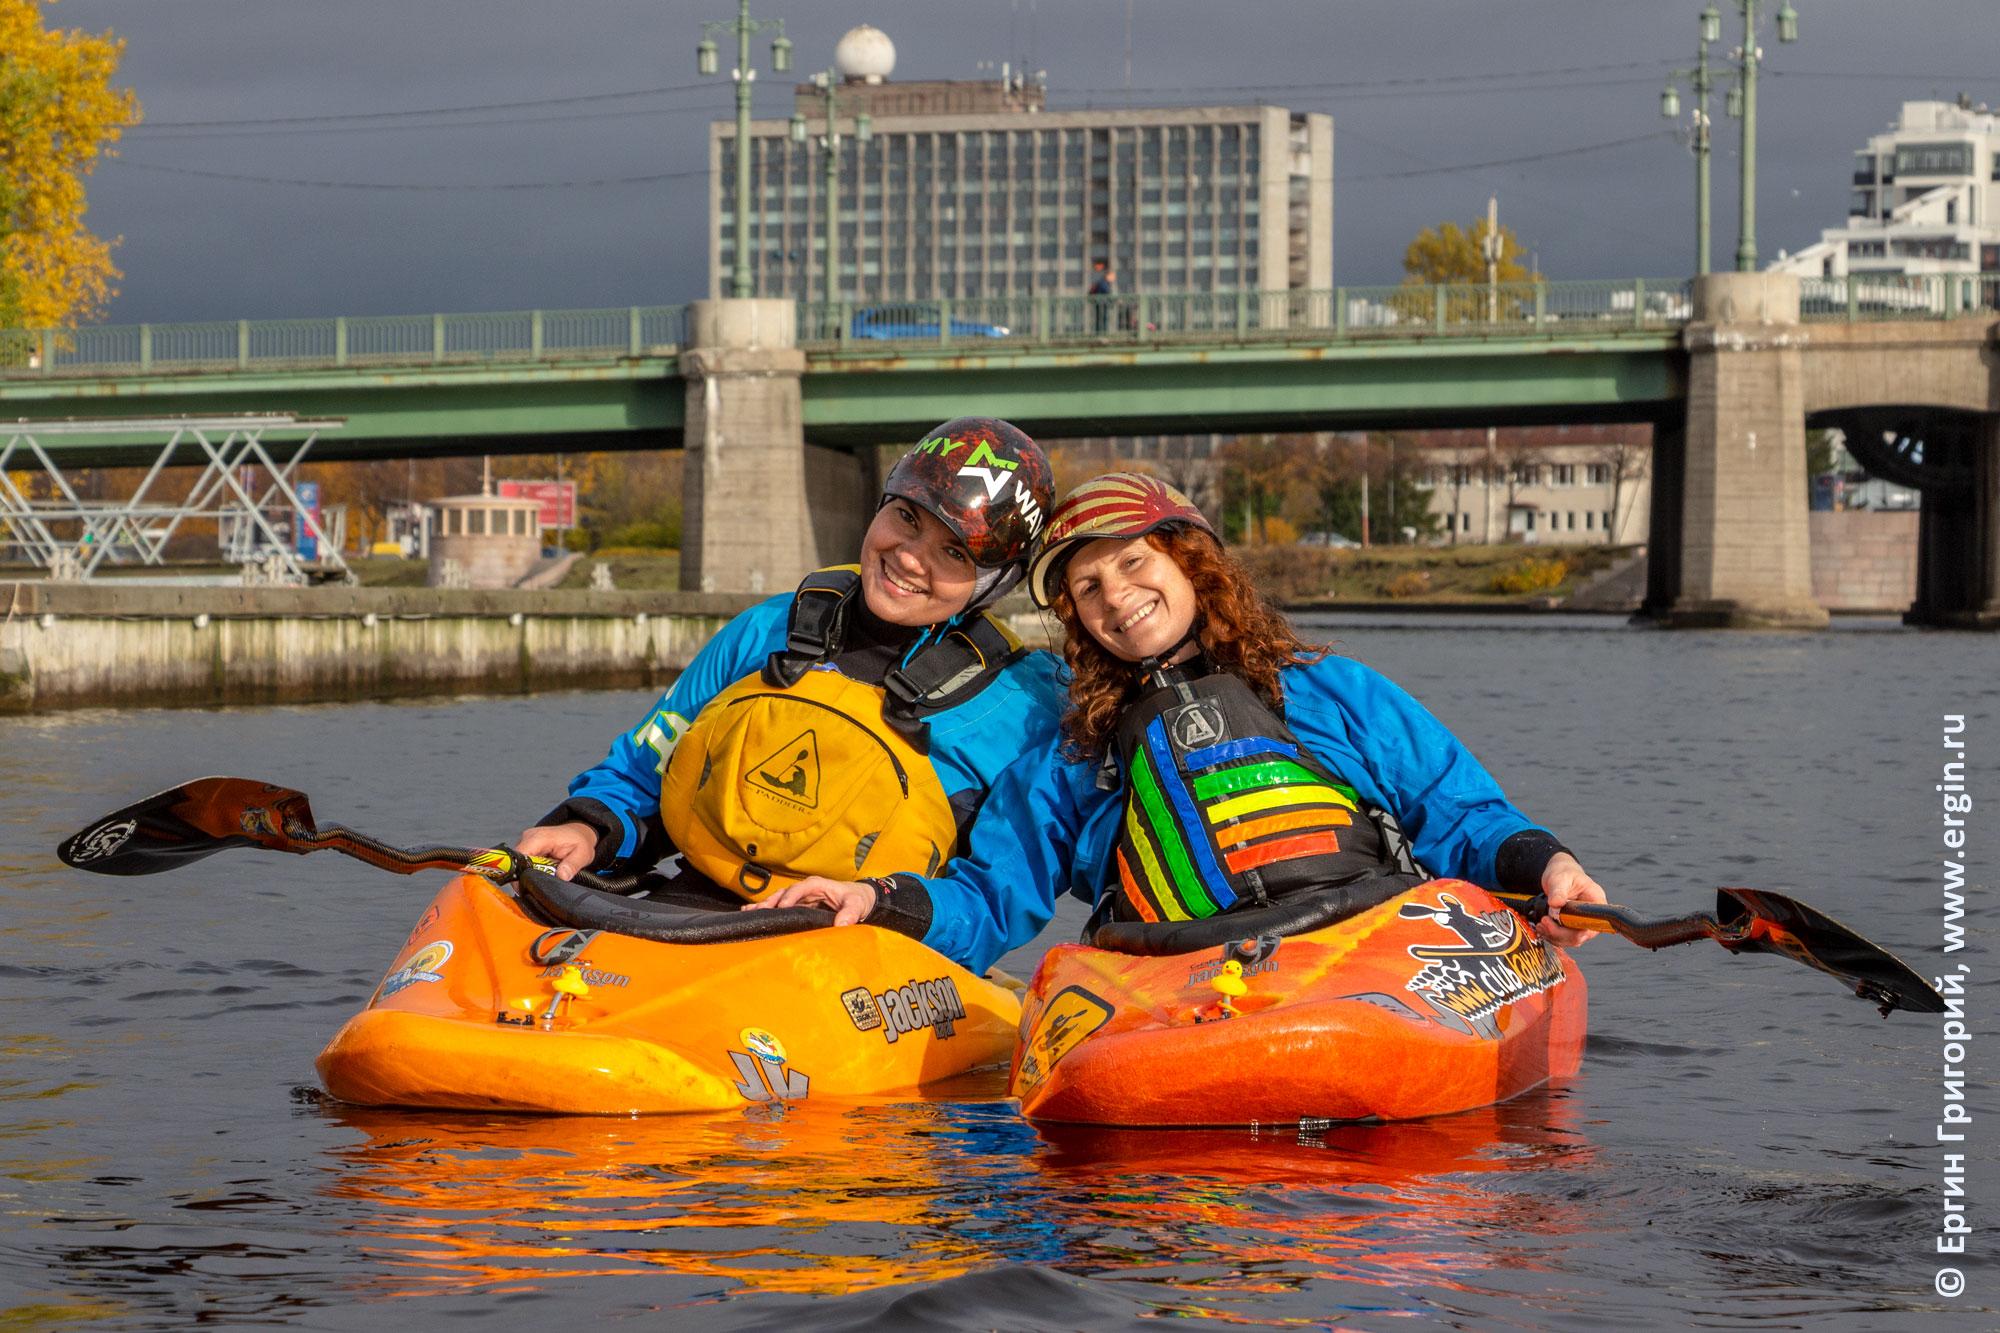 Две девушки с веслами на каяках возле Большого Крестовского моста в Санкт-Петербурге